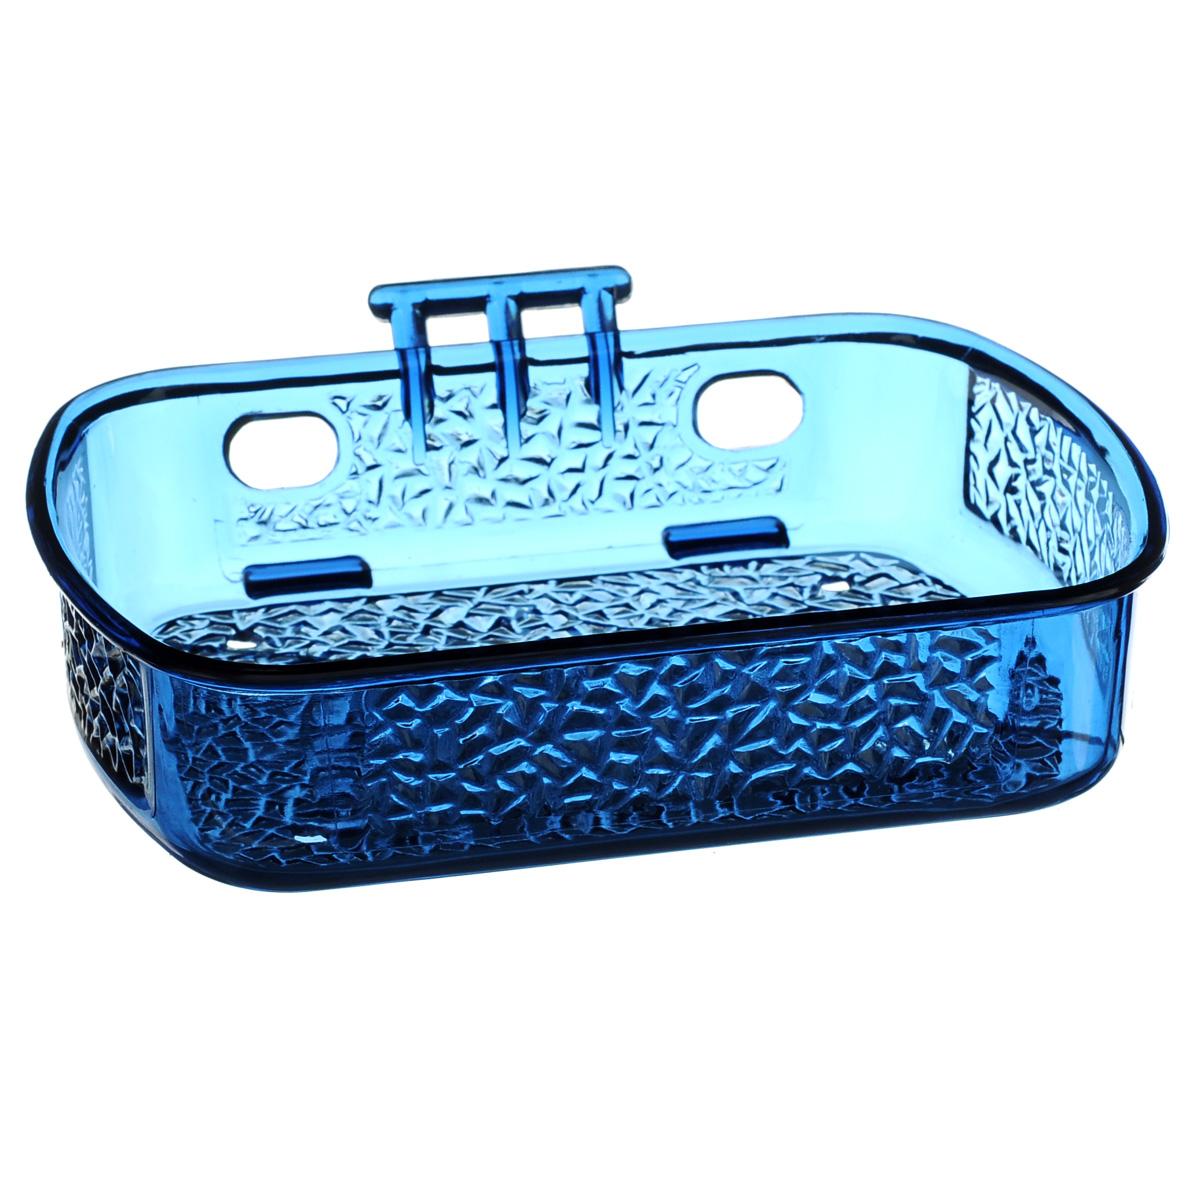 Мыльница Fresh Code, на липкой основе, цвет: синий, 13 см х 10 см68/5/3Мыльница для ванной комнаты Fresh Code, выполнена из цветного пластика. Крепление на липкой ленте многократного использования идеально подходит для гладкой поверхности. Такая мыльница прекрасно подойдет для интерьера ванной комнаты.